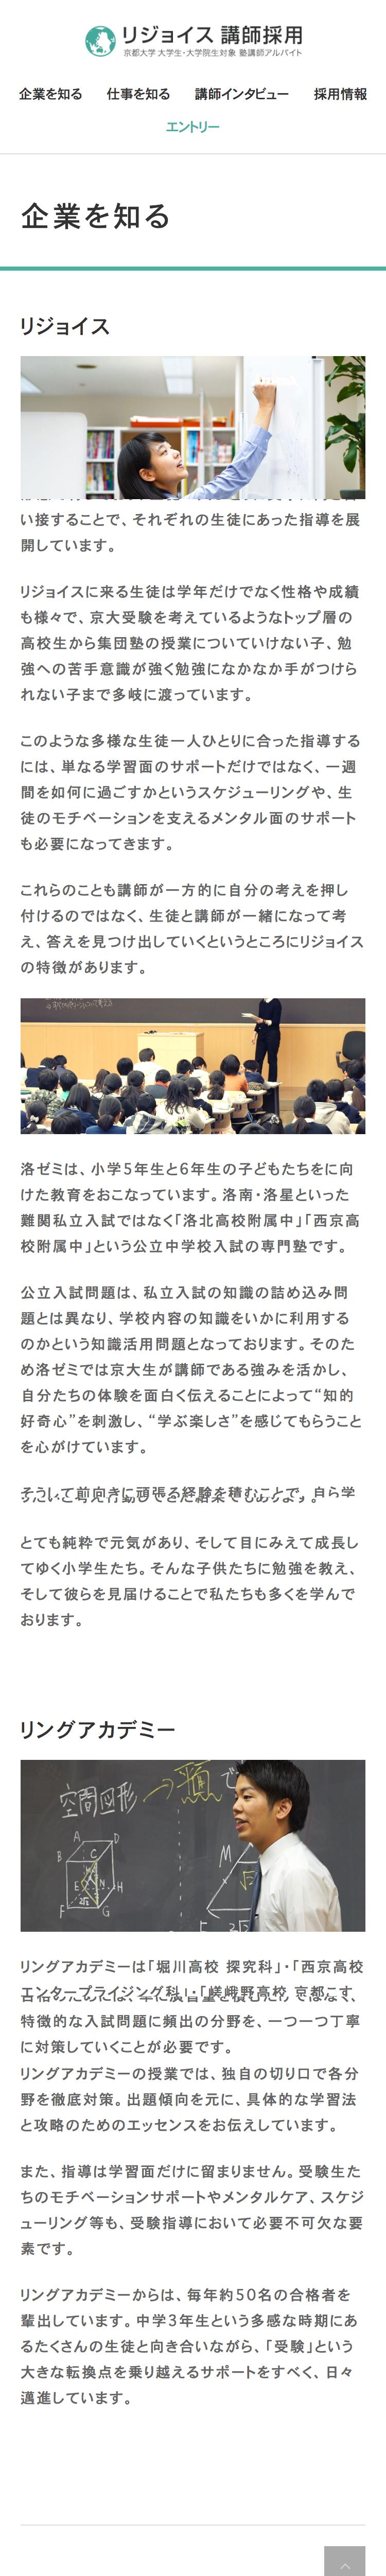 下層ページ01[スマホ画面]